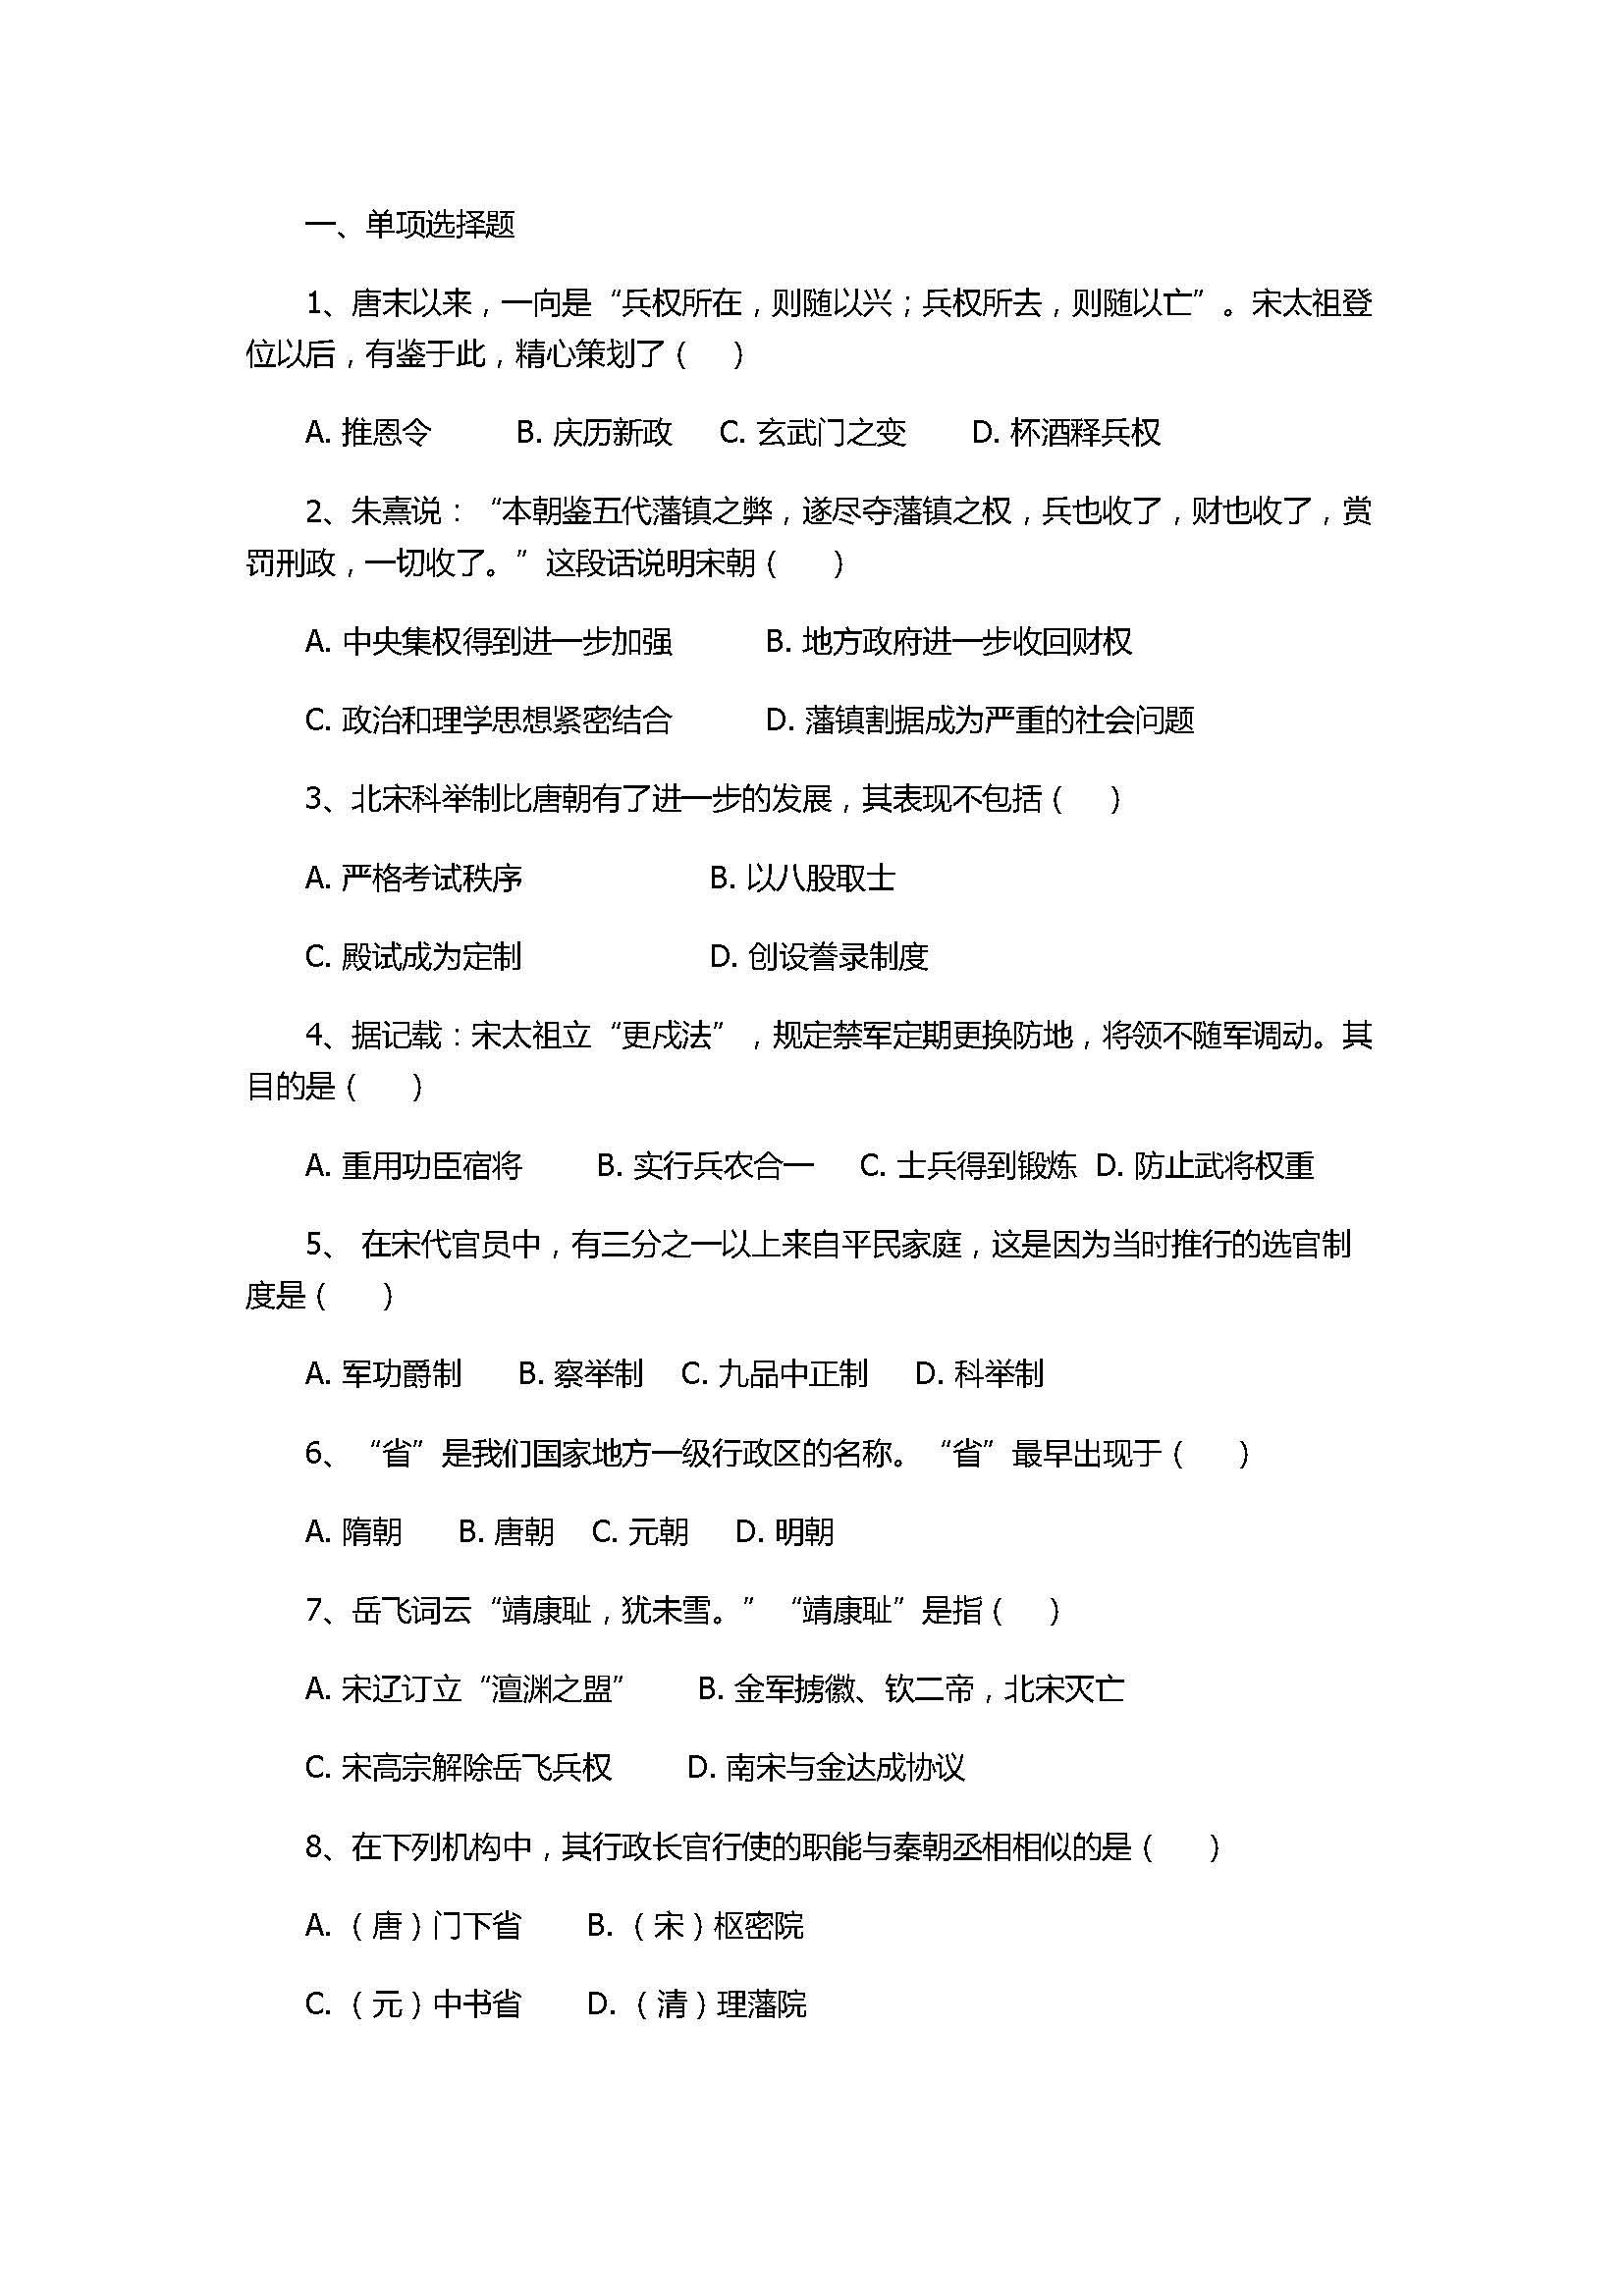 2017初一年级下册历史《北宋的统治》同步练习题附答案